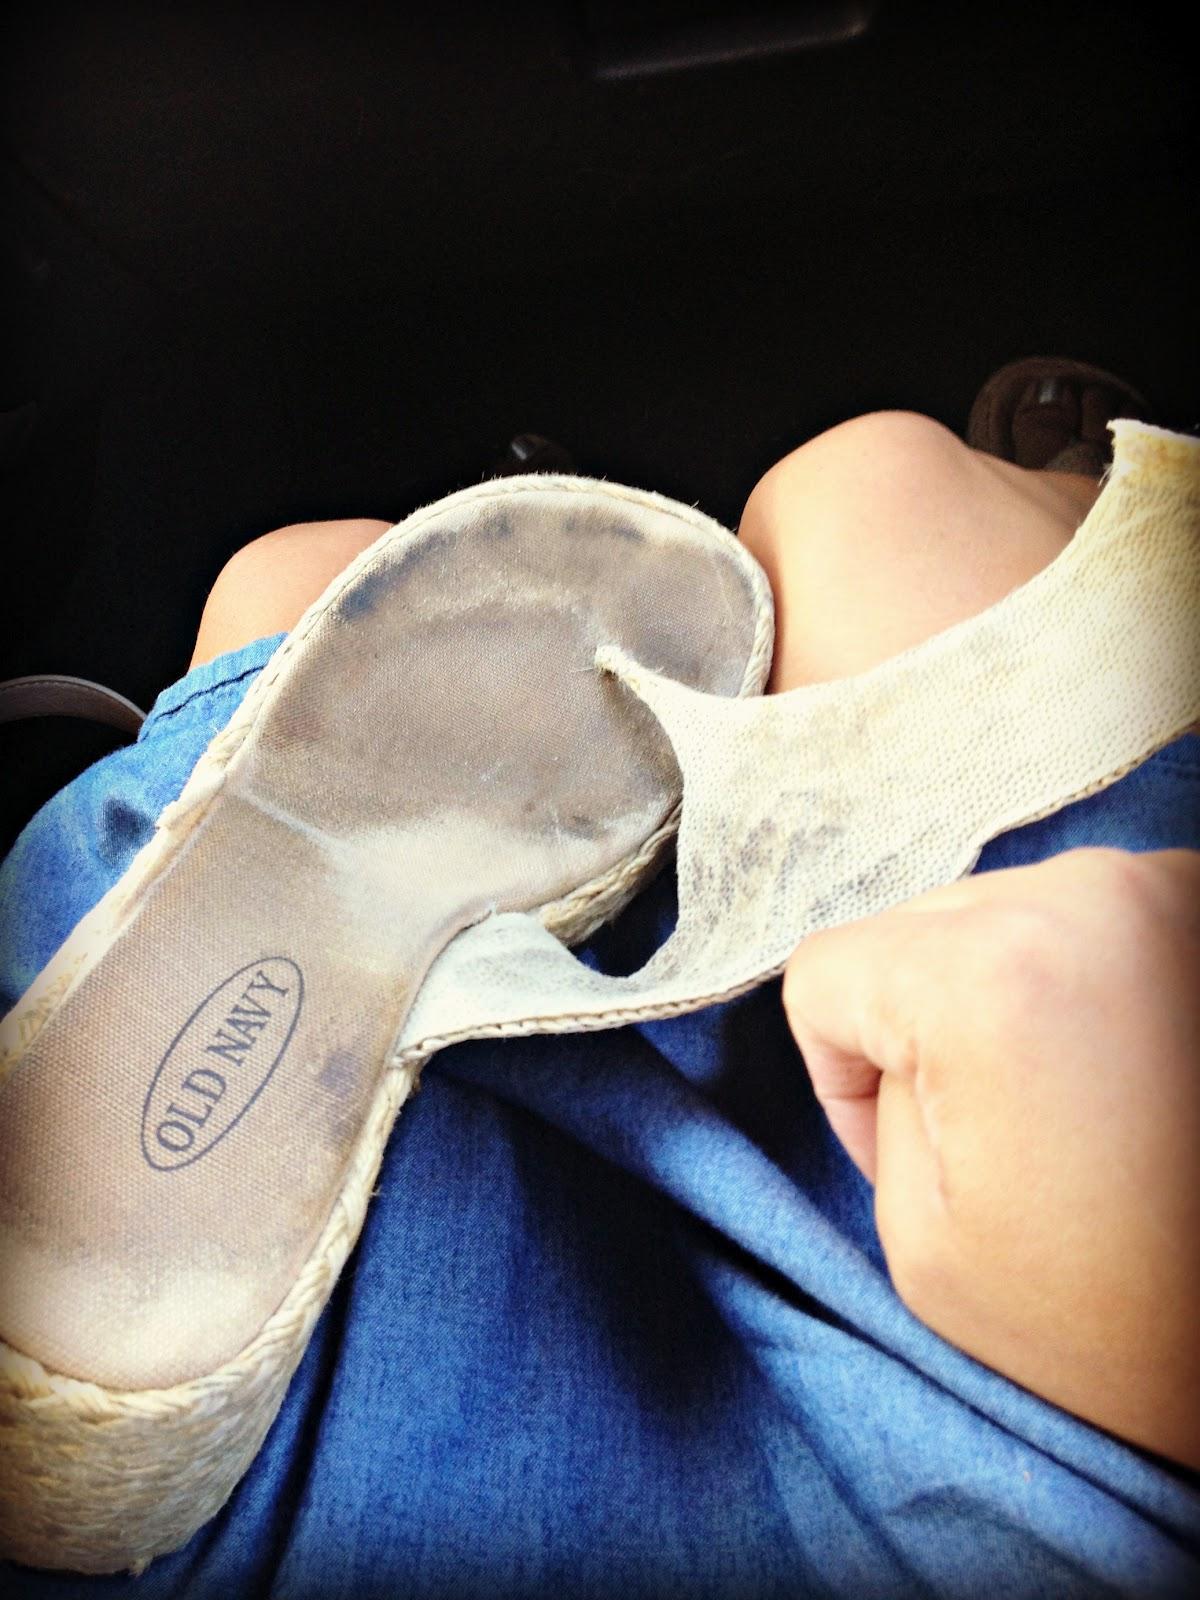 Sexy latina feet pics